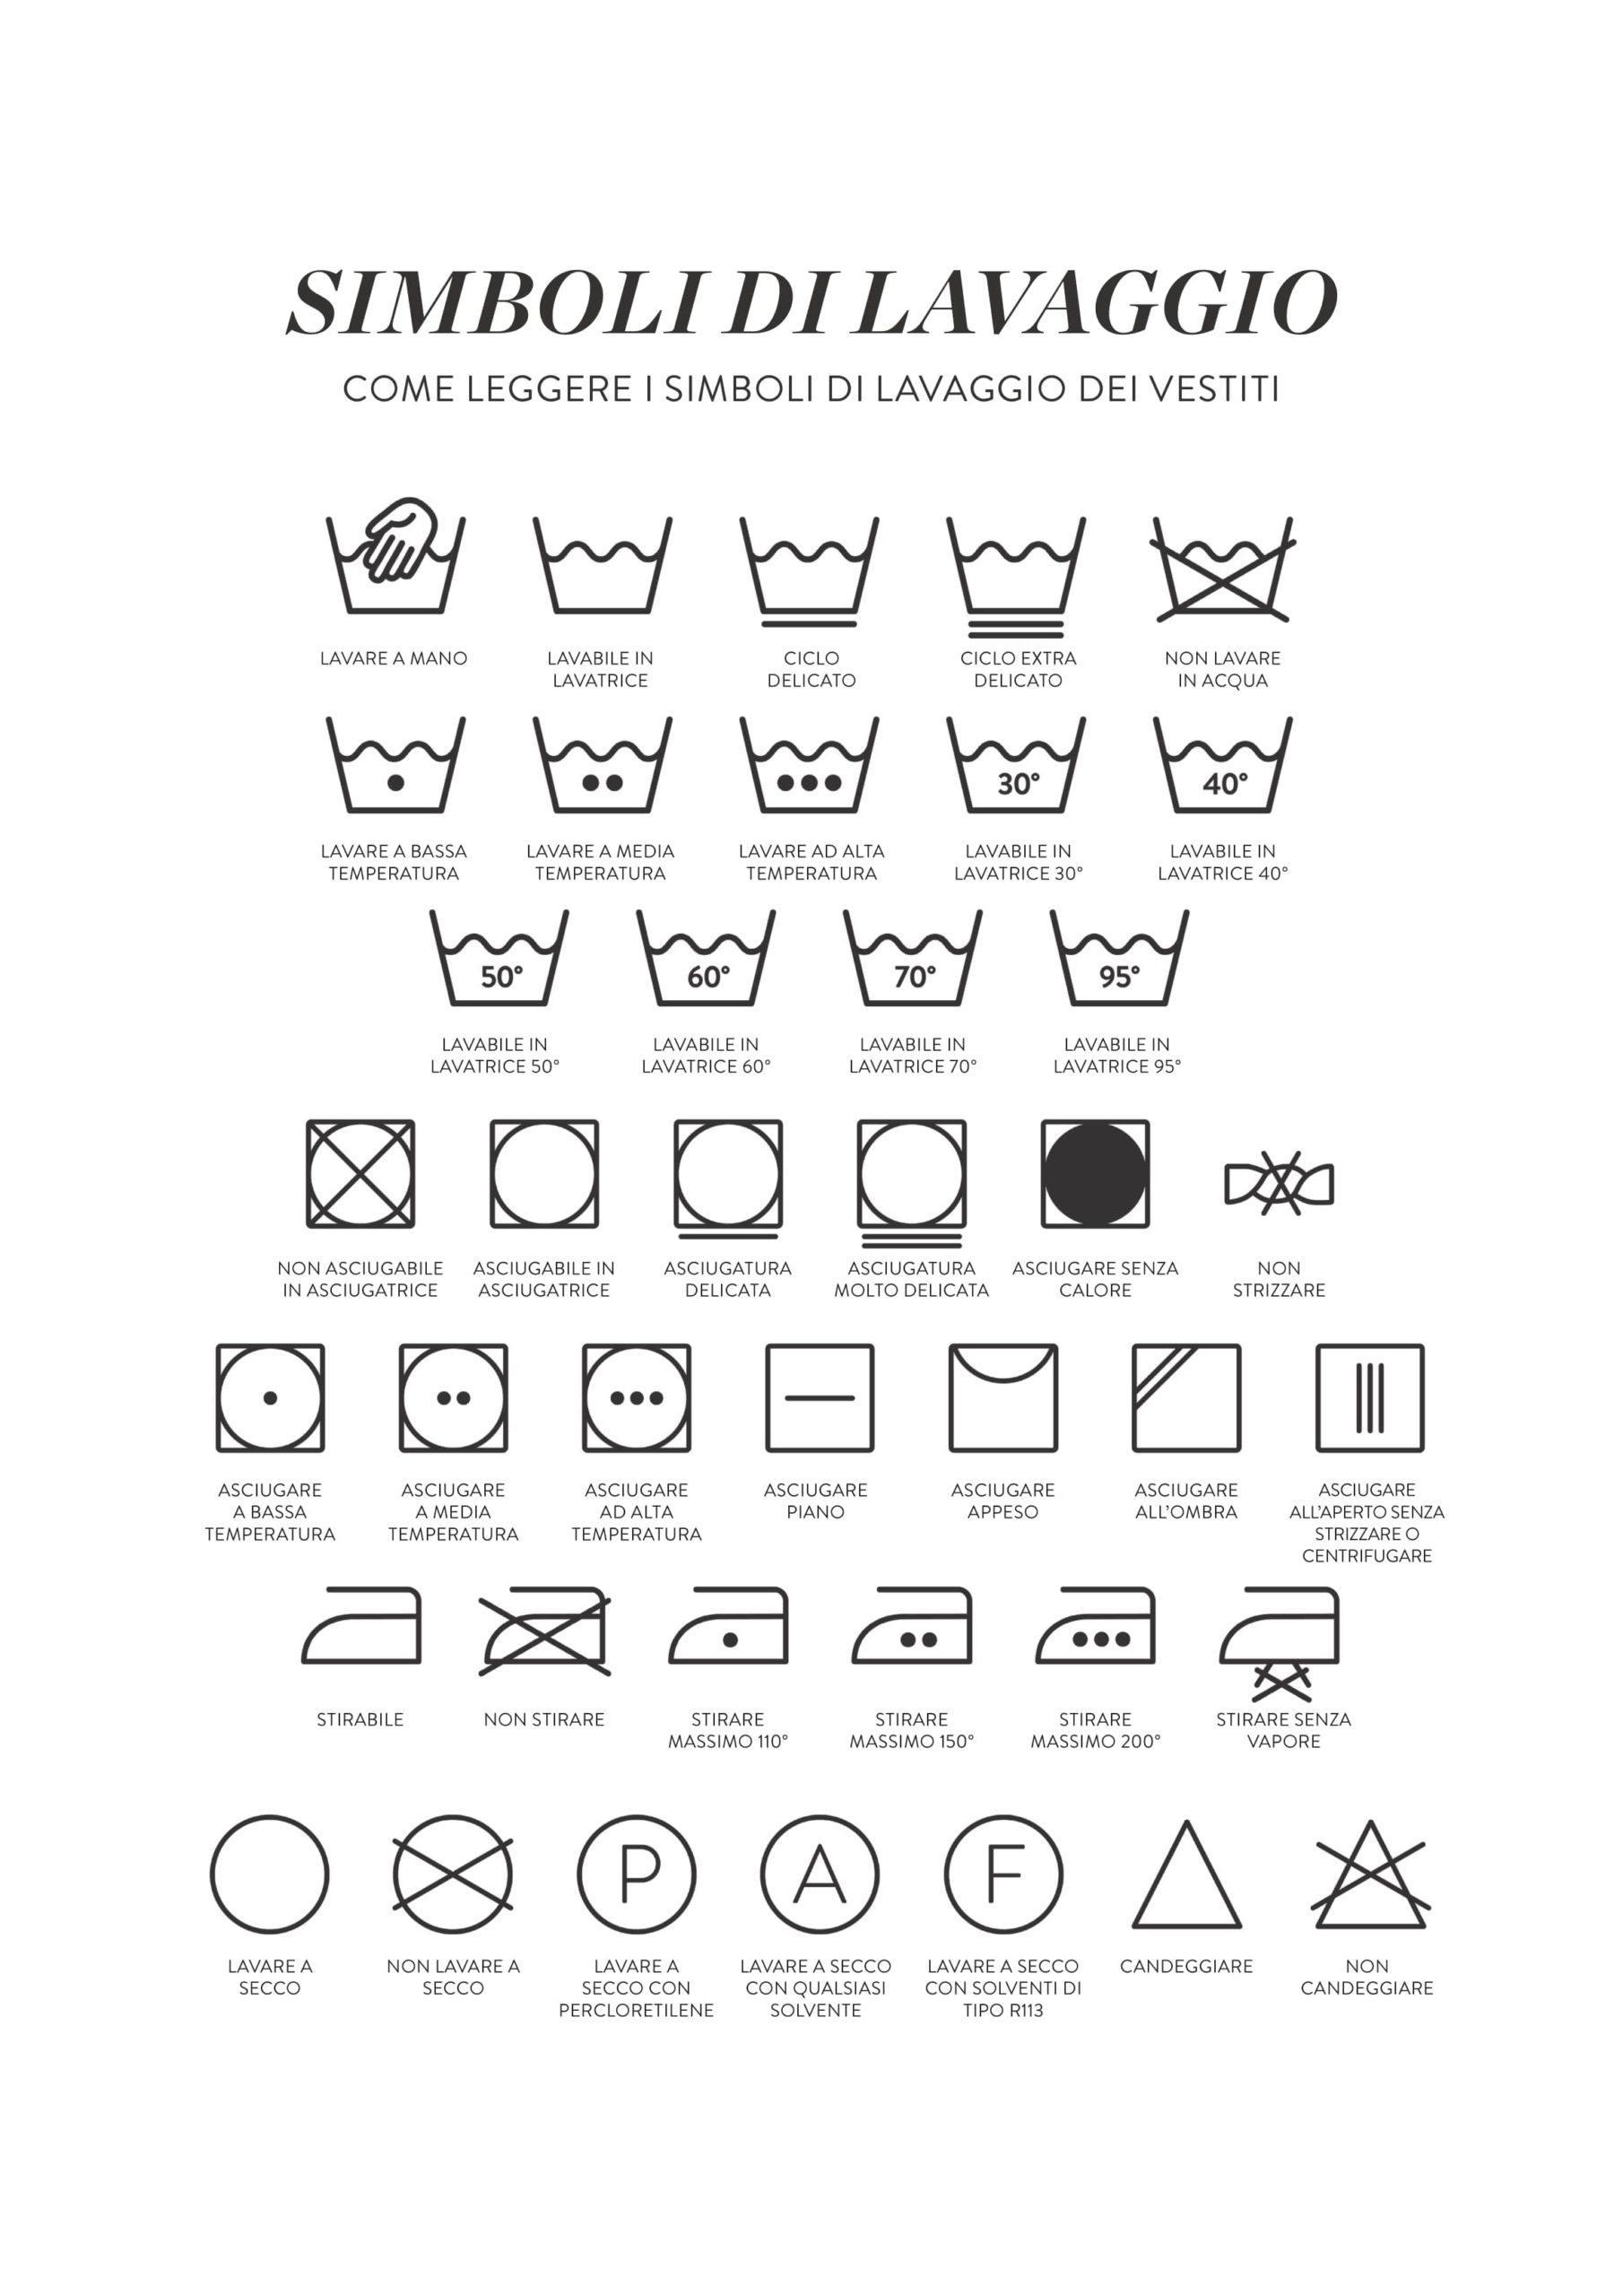 Simboli lavaggio capi poster da stampare